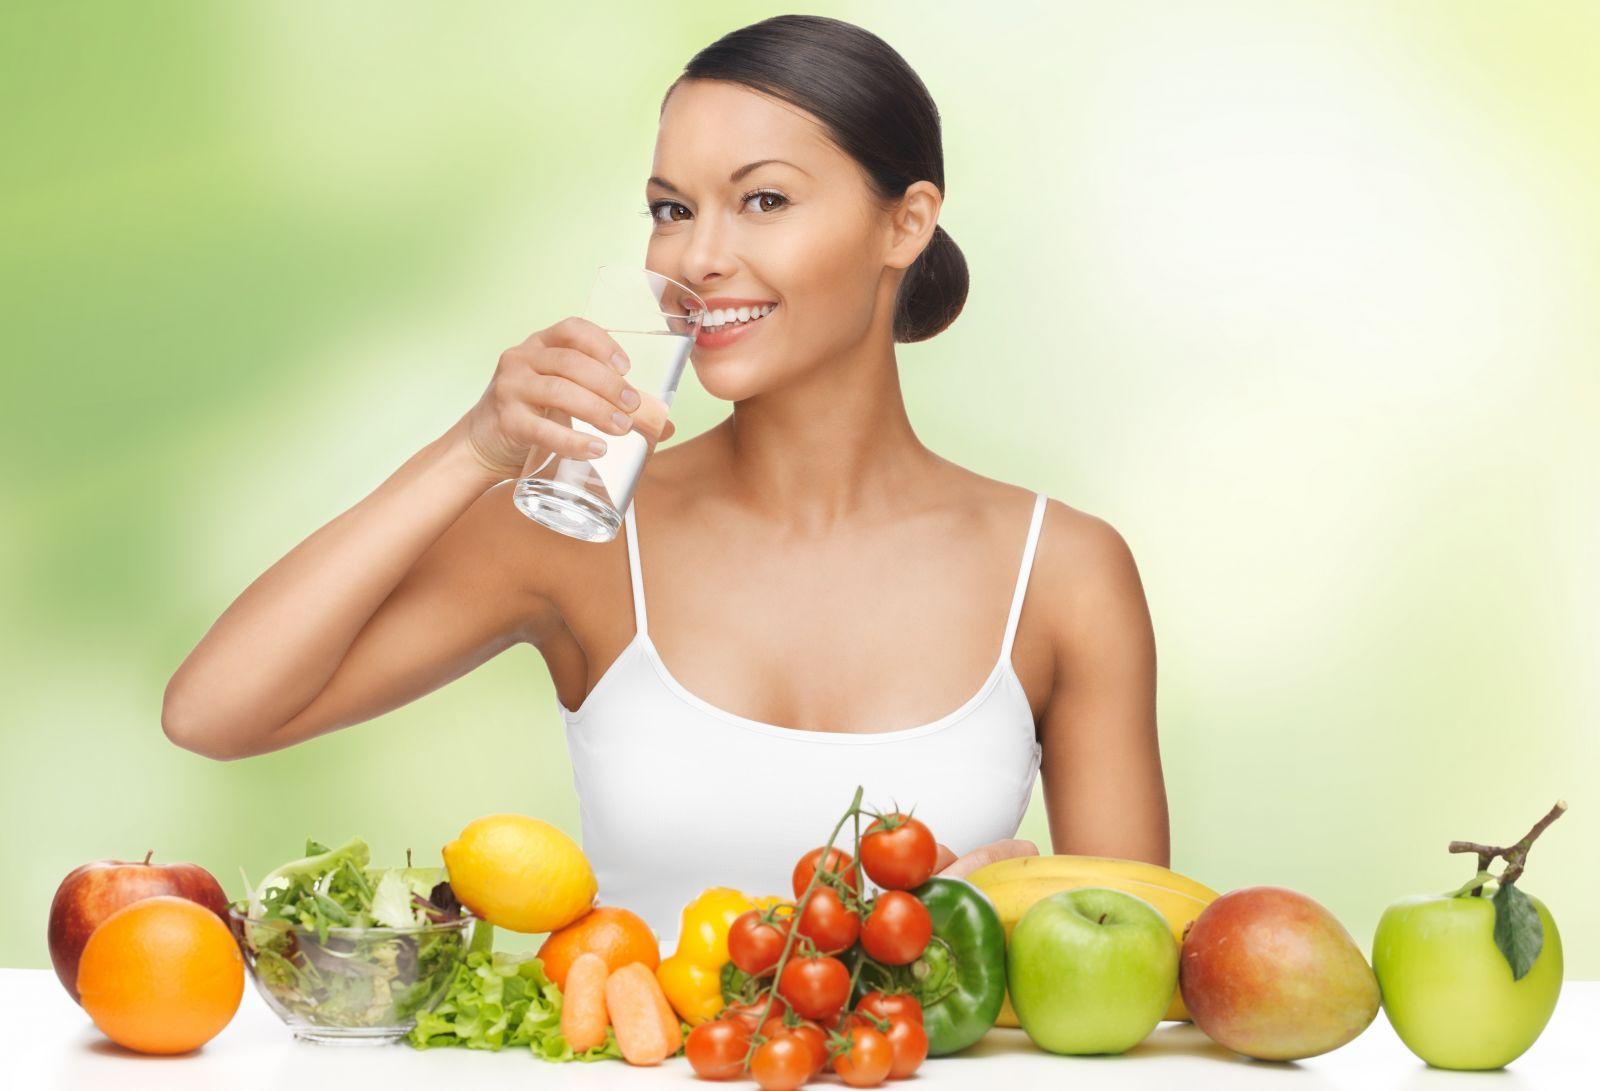 Диета при молочнице: основные принципы питания и рецепты блюд